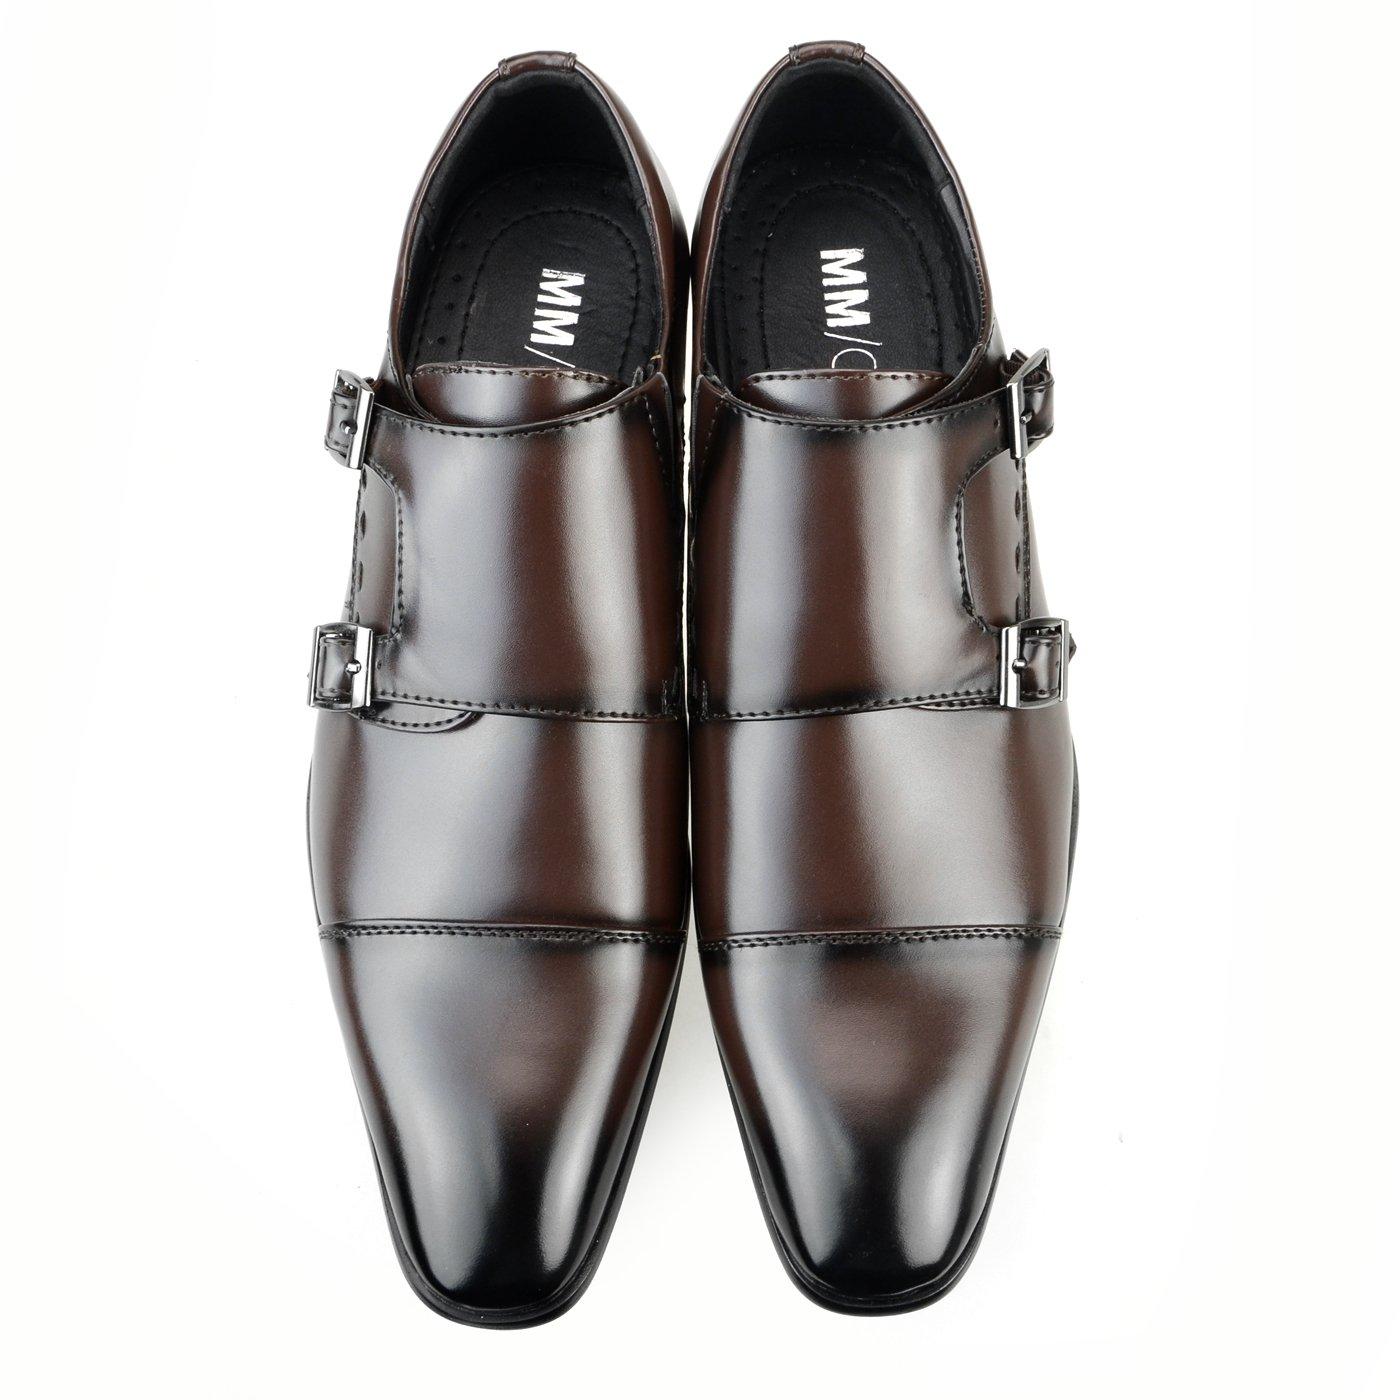 MM/ONE Mens Monkstrap Monk Strap Shoes Oxford Shoes Dress Shoes Men Comfort Water Repellent Straight Chip Shoes Black Brown Shoes, Dark Brown, 45 EU (US Men's 11 M)